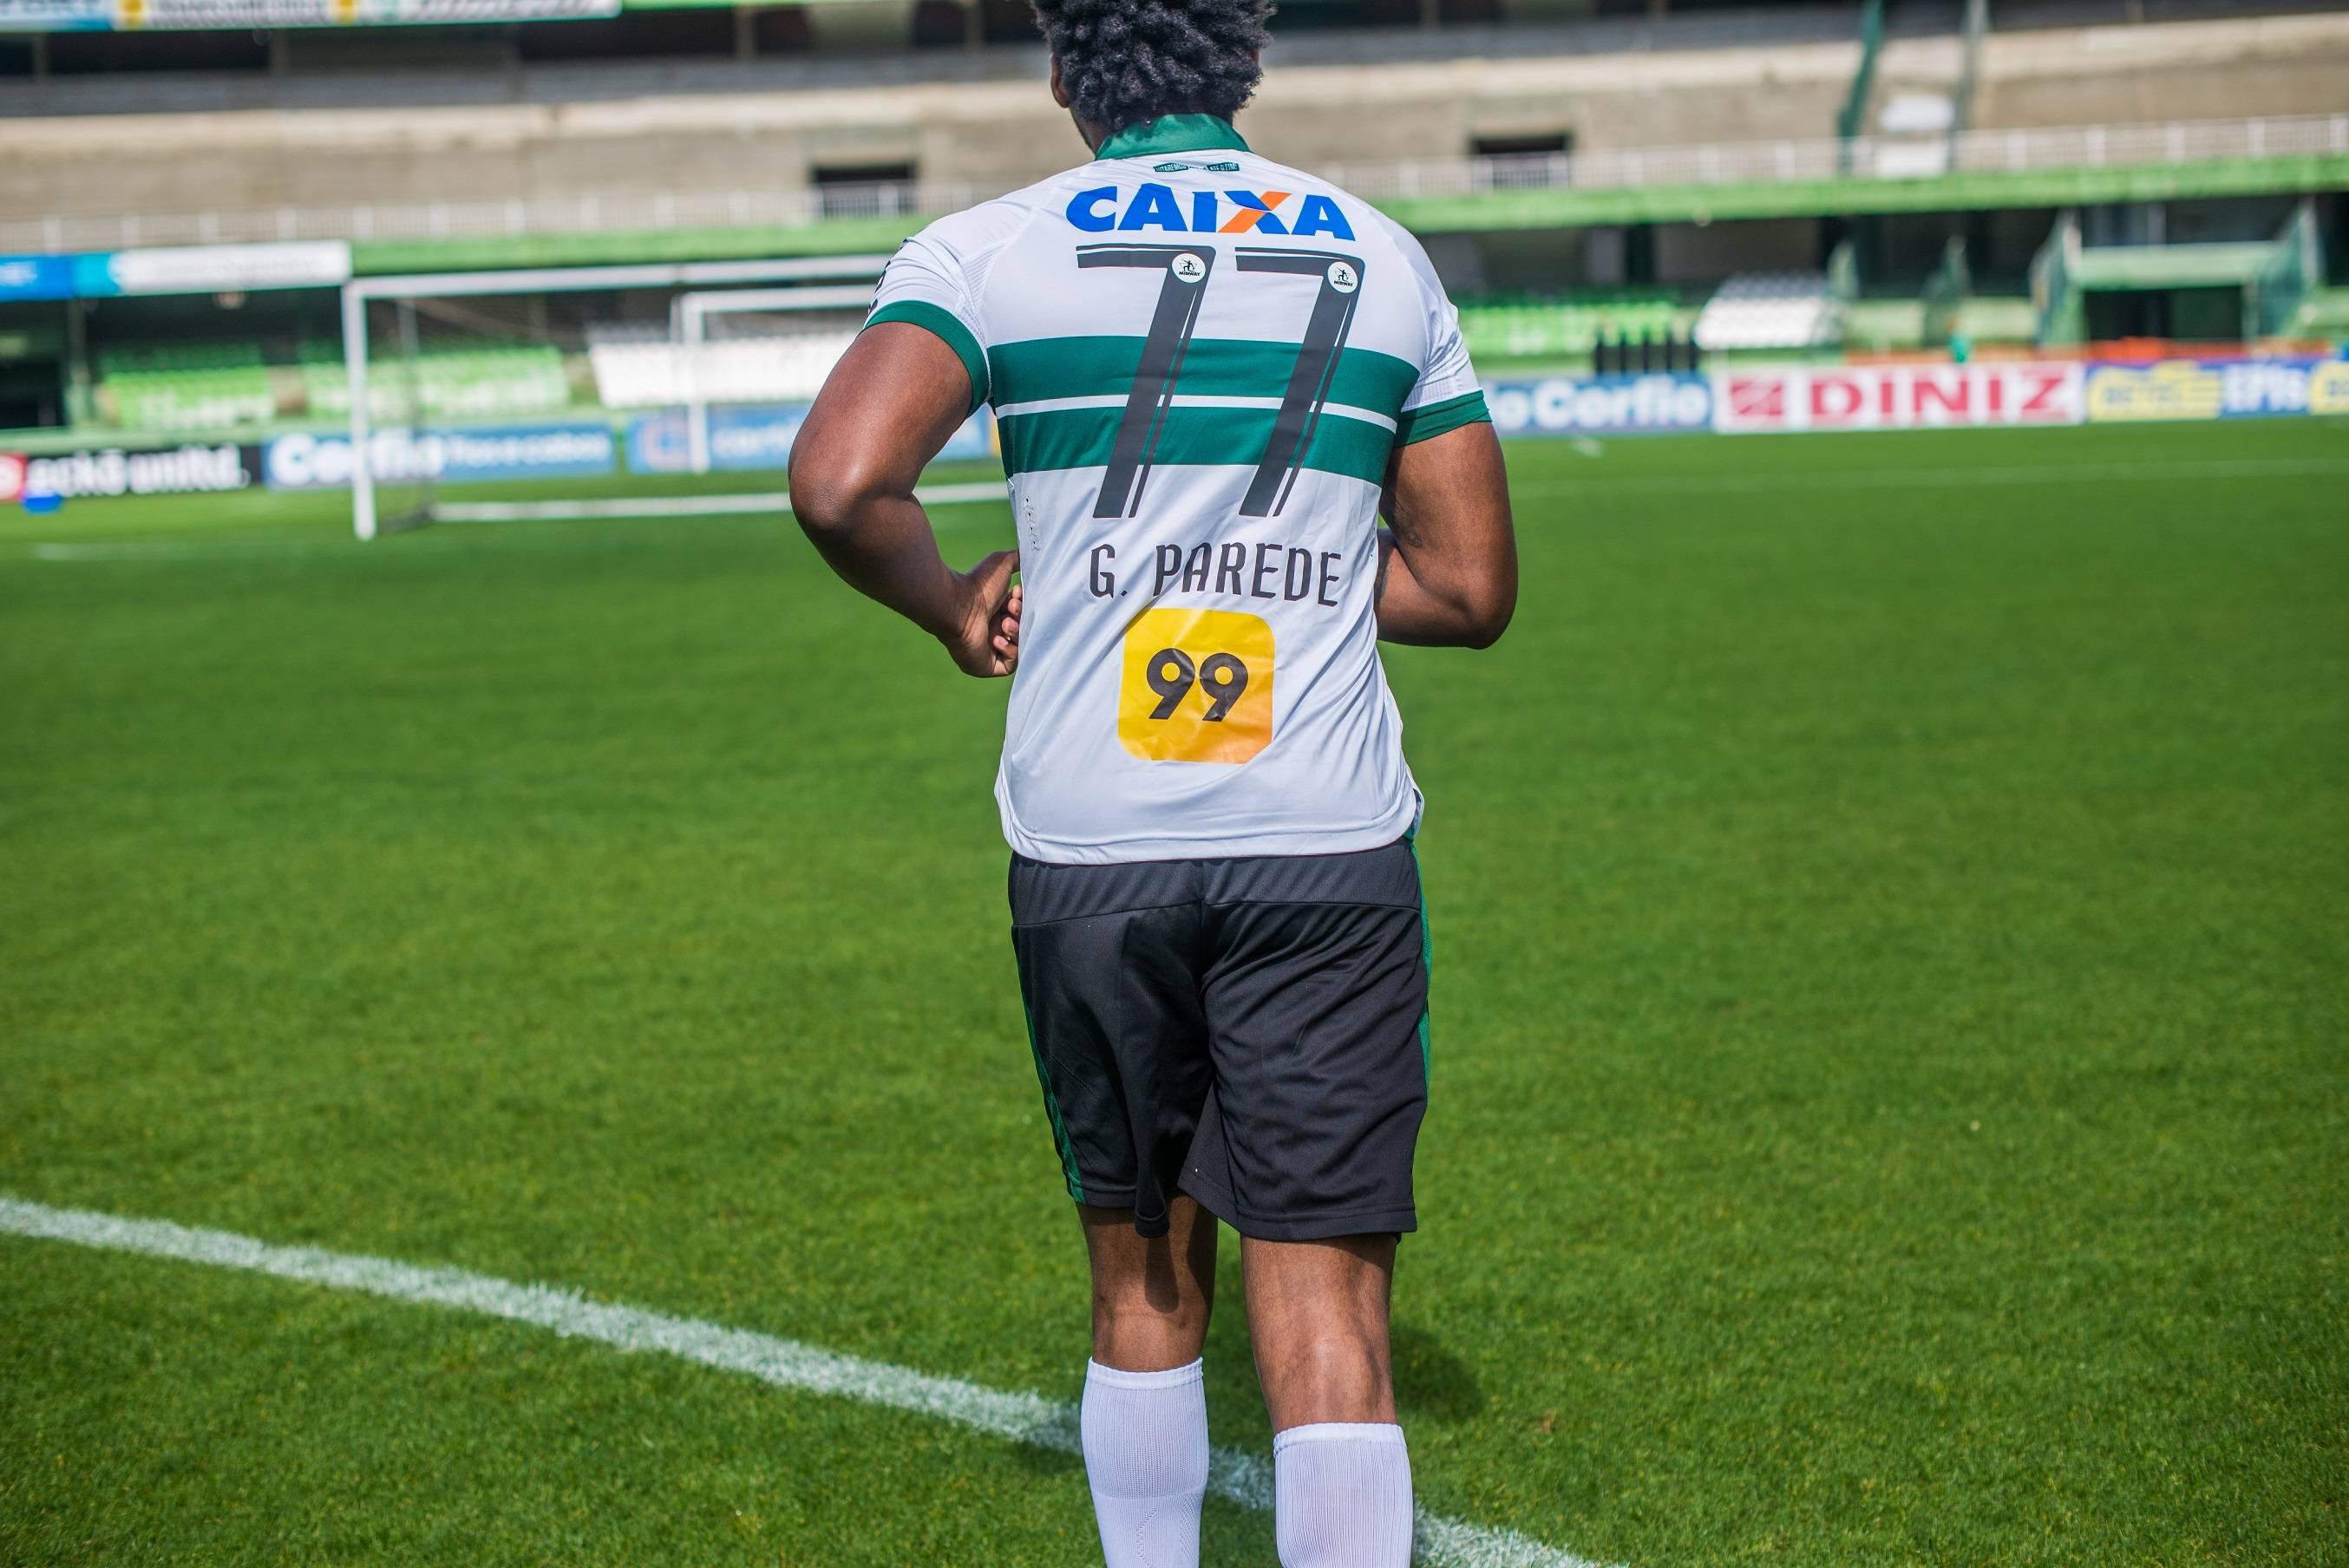 Novo patrocinador do Coritiba na camisa.